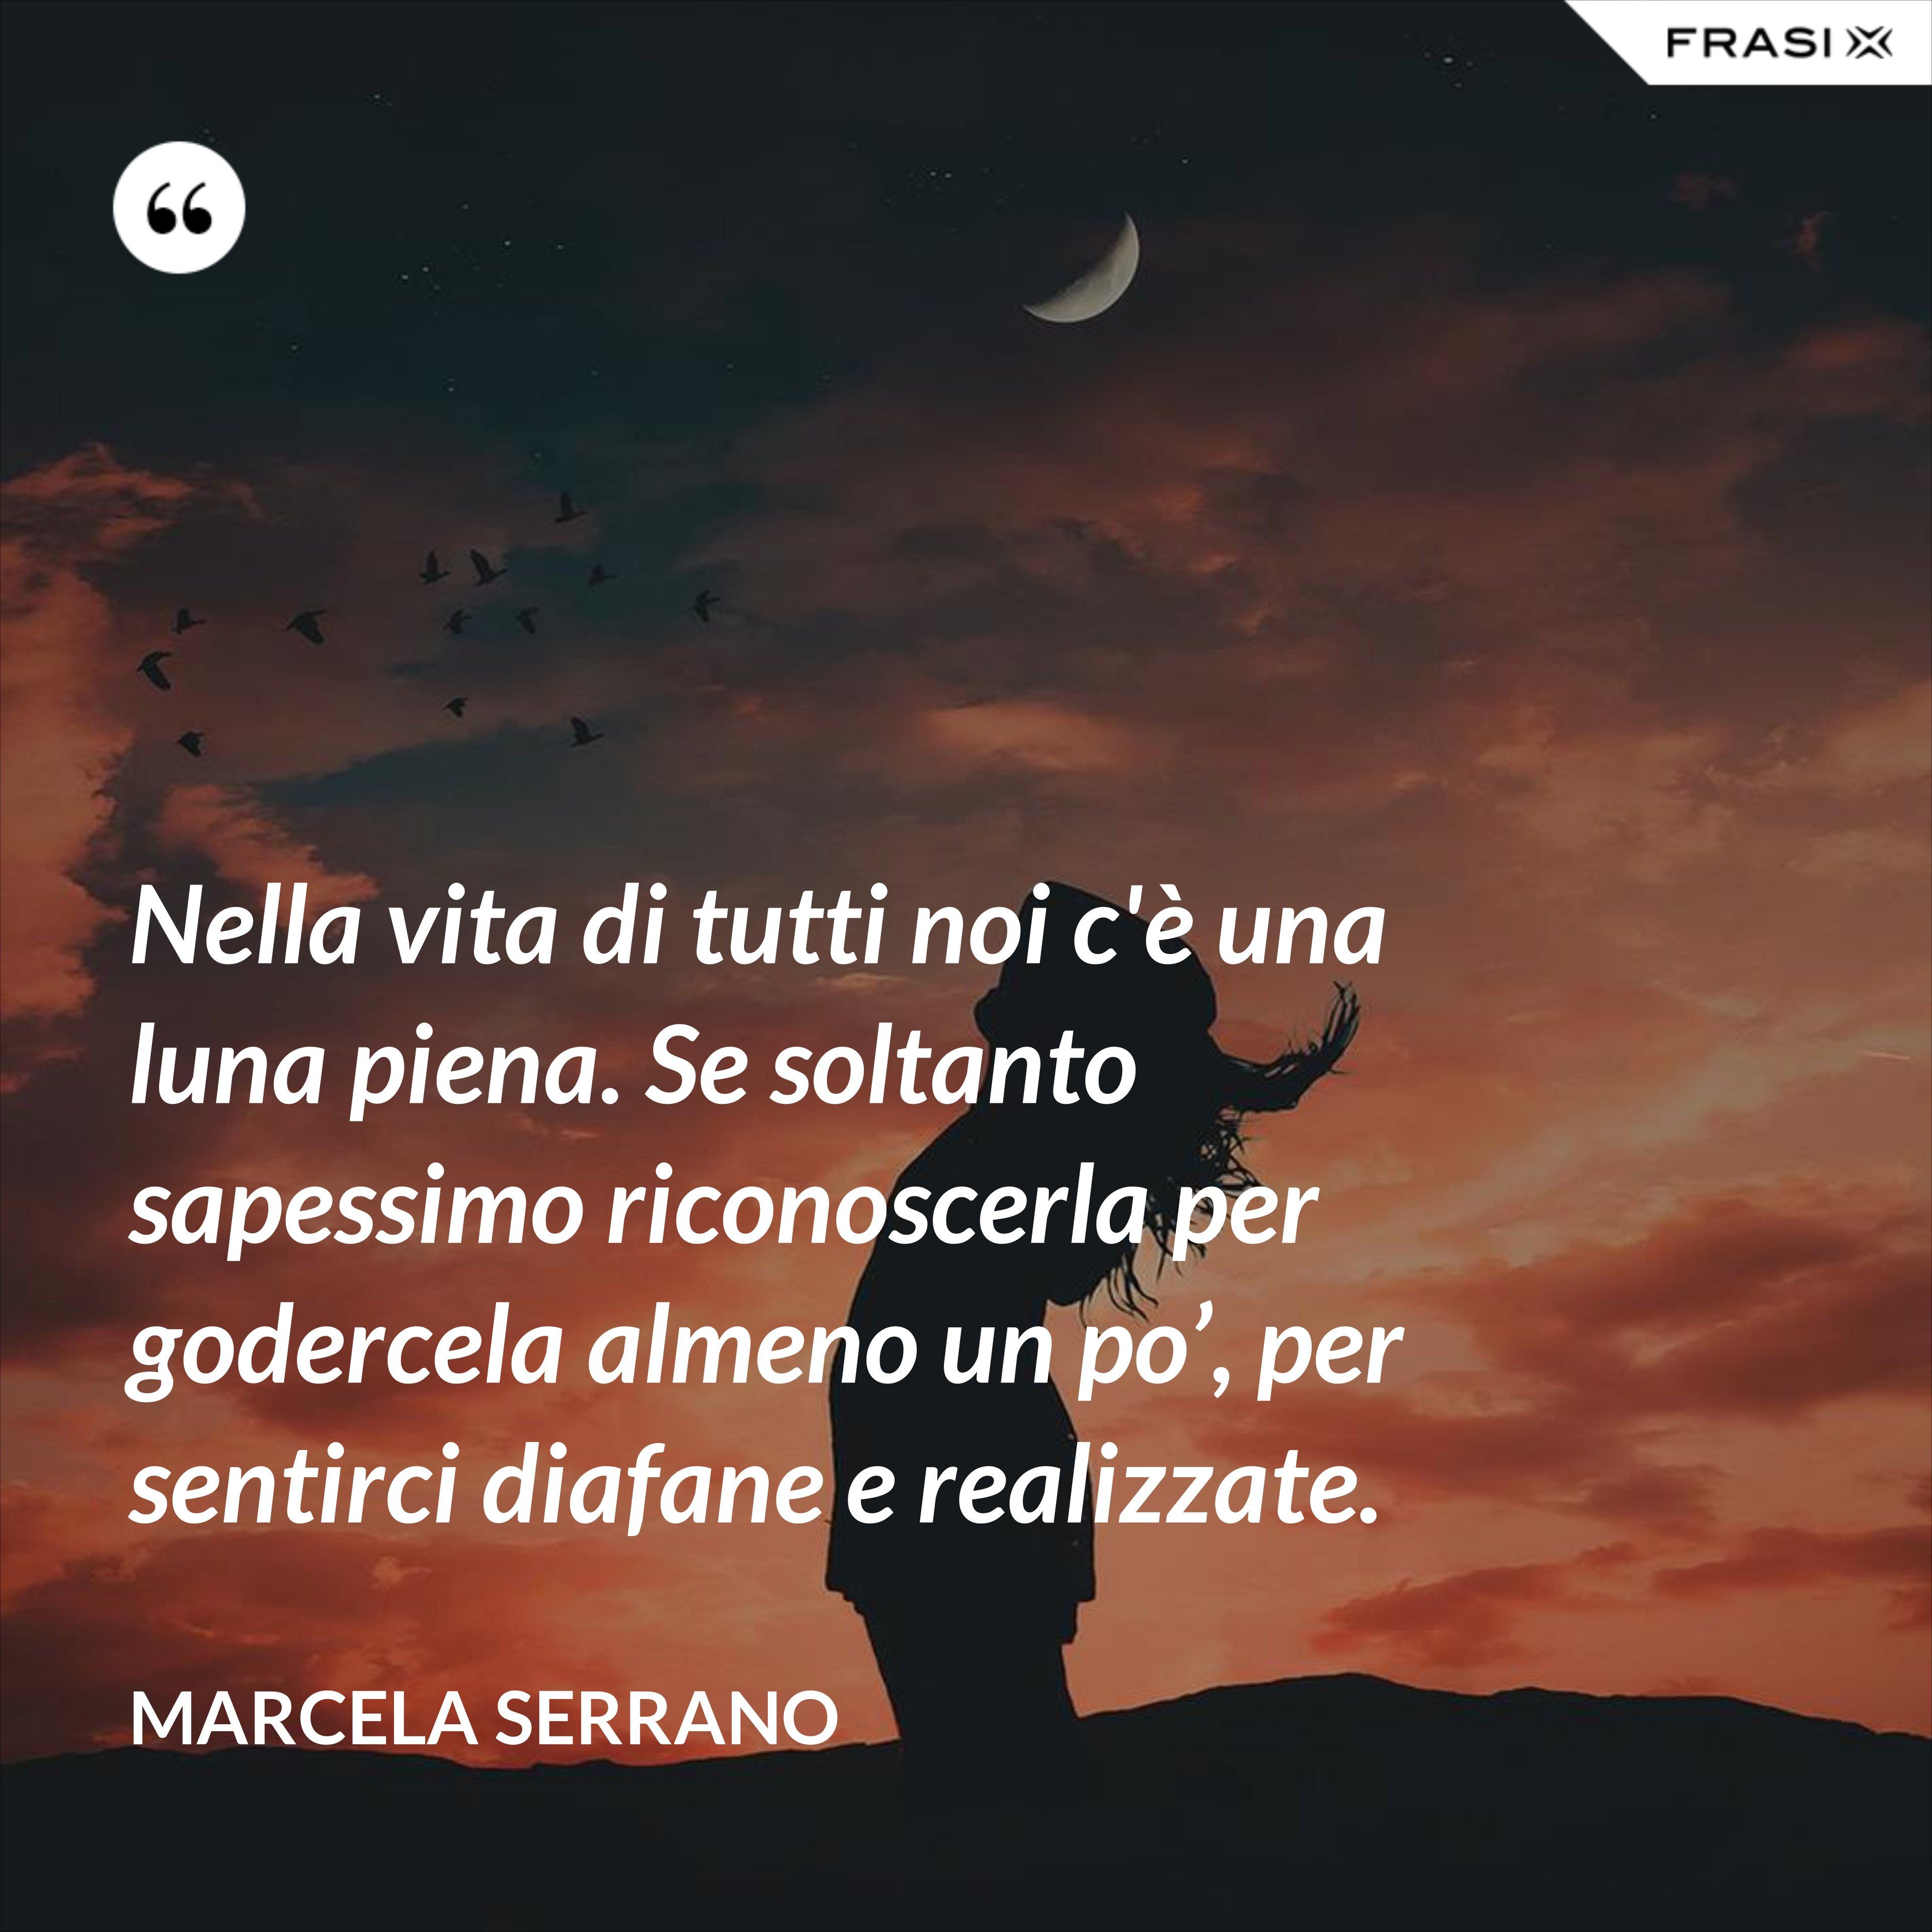 Nella vita di tutti noi c'è una luna piena. Se soltanto sapessimo riconoscerla per godercela almeno un po', per sentirci diafane e realizzate. - Marcela Serrano